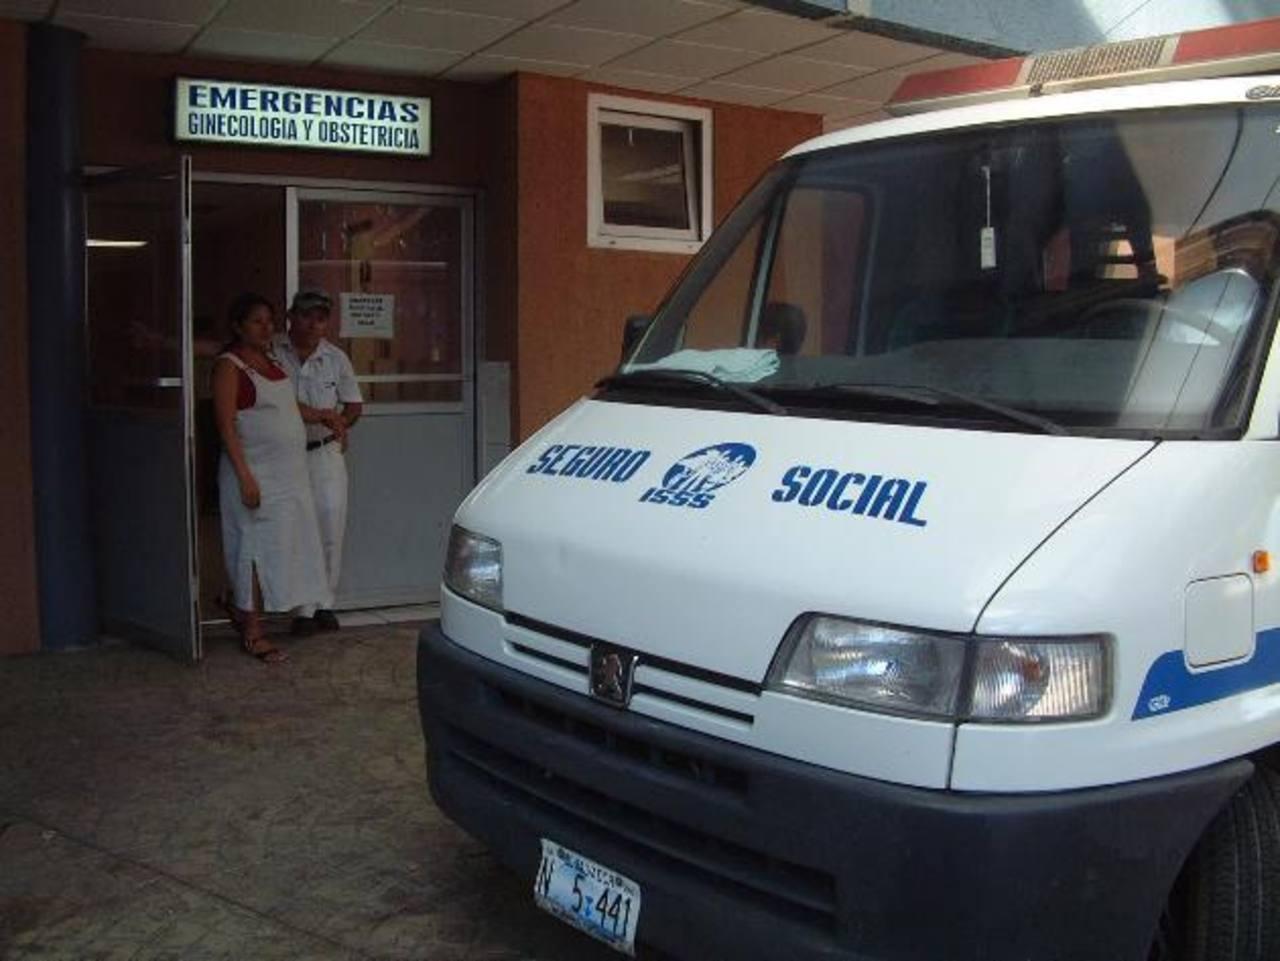 Una ambulancia se encuentra frente a la entrada de la Emergencia de Ginecología del hospital Amatepec.